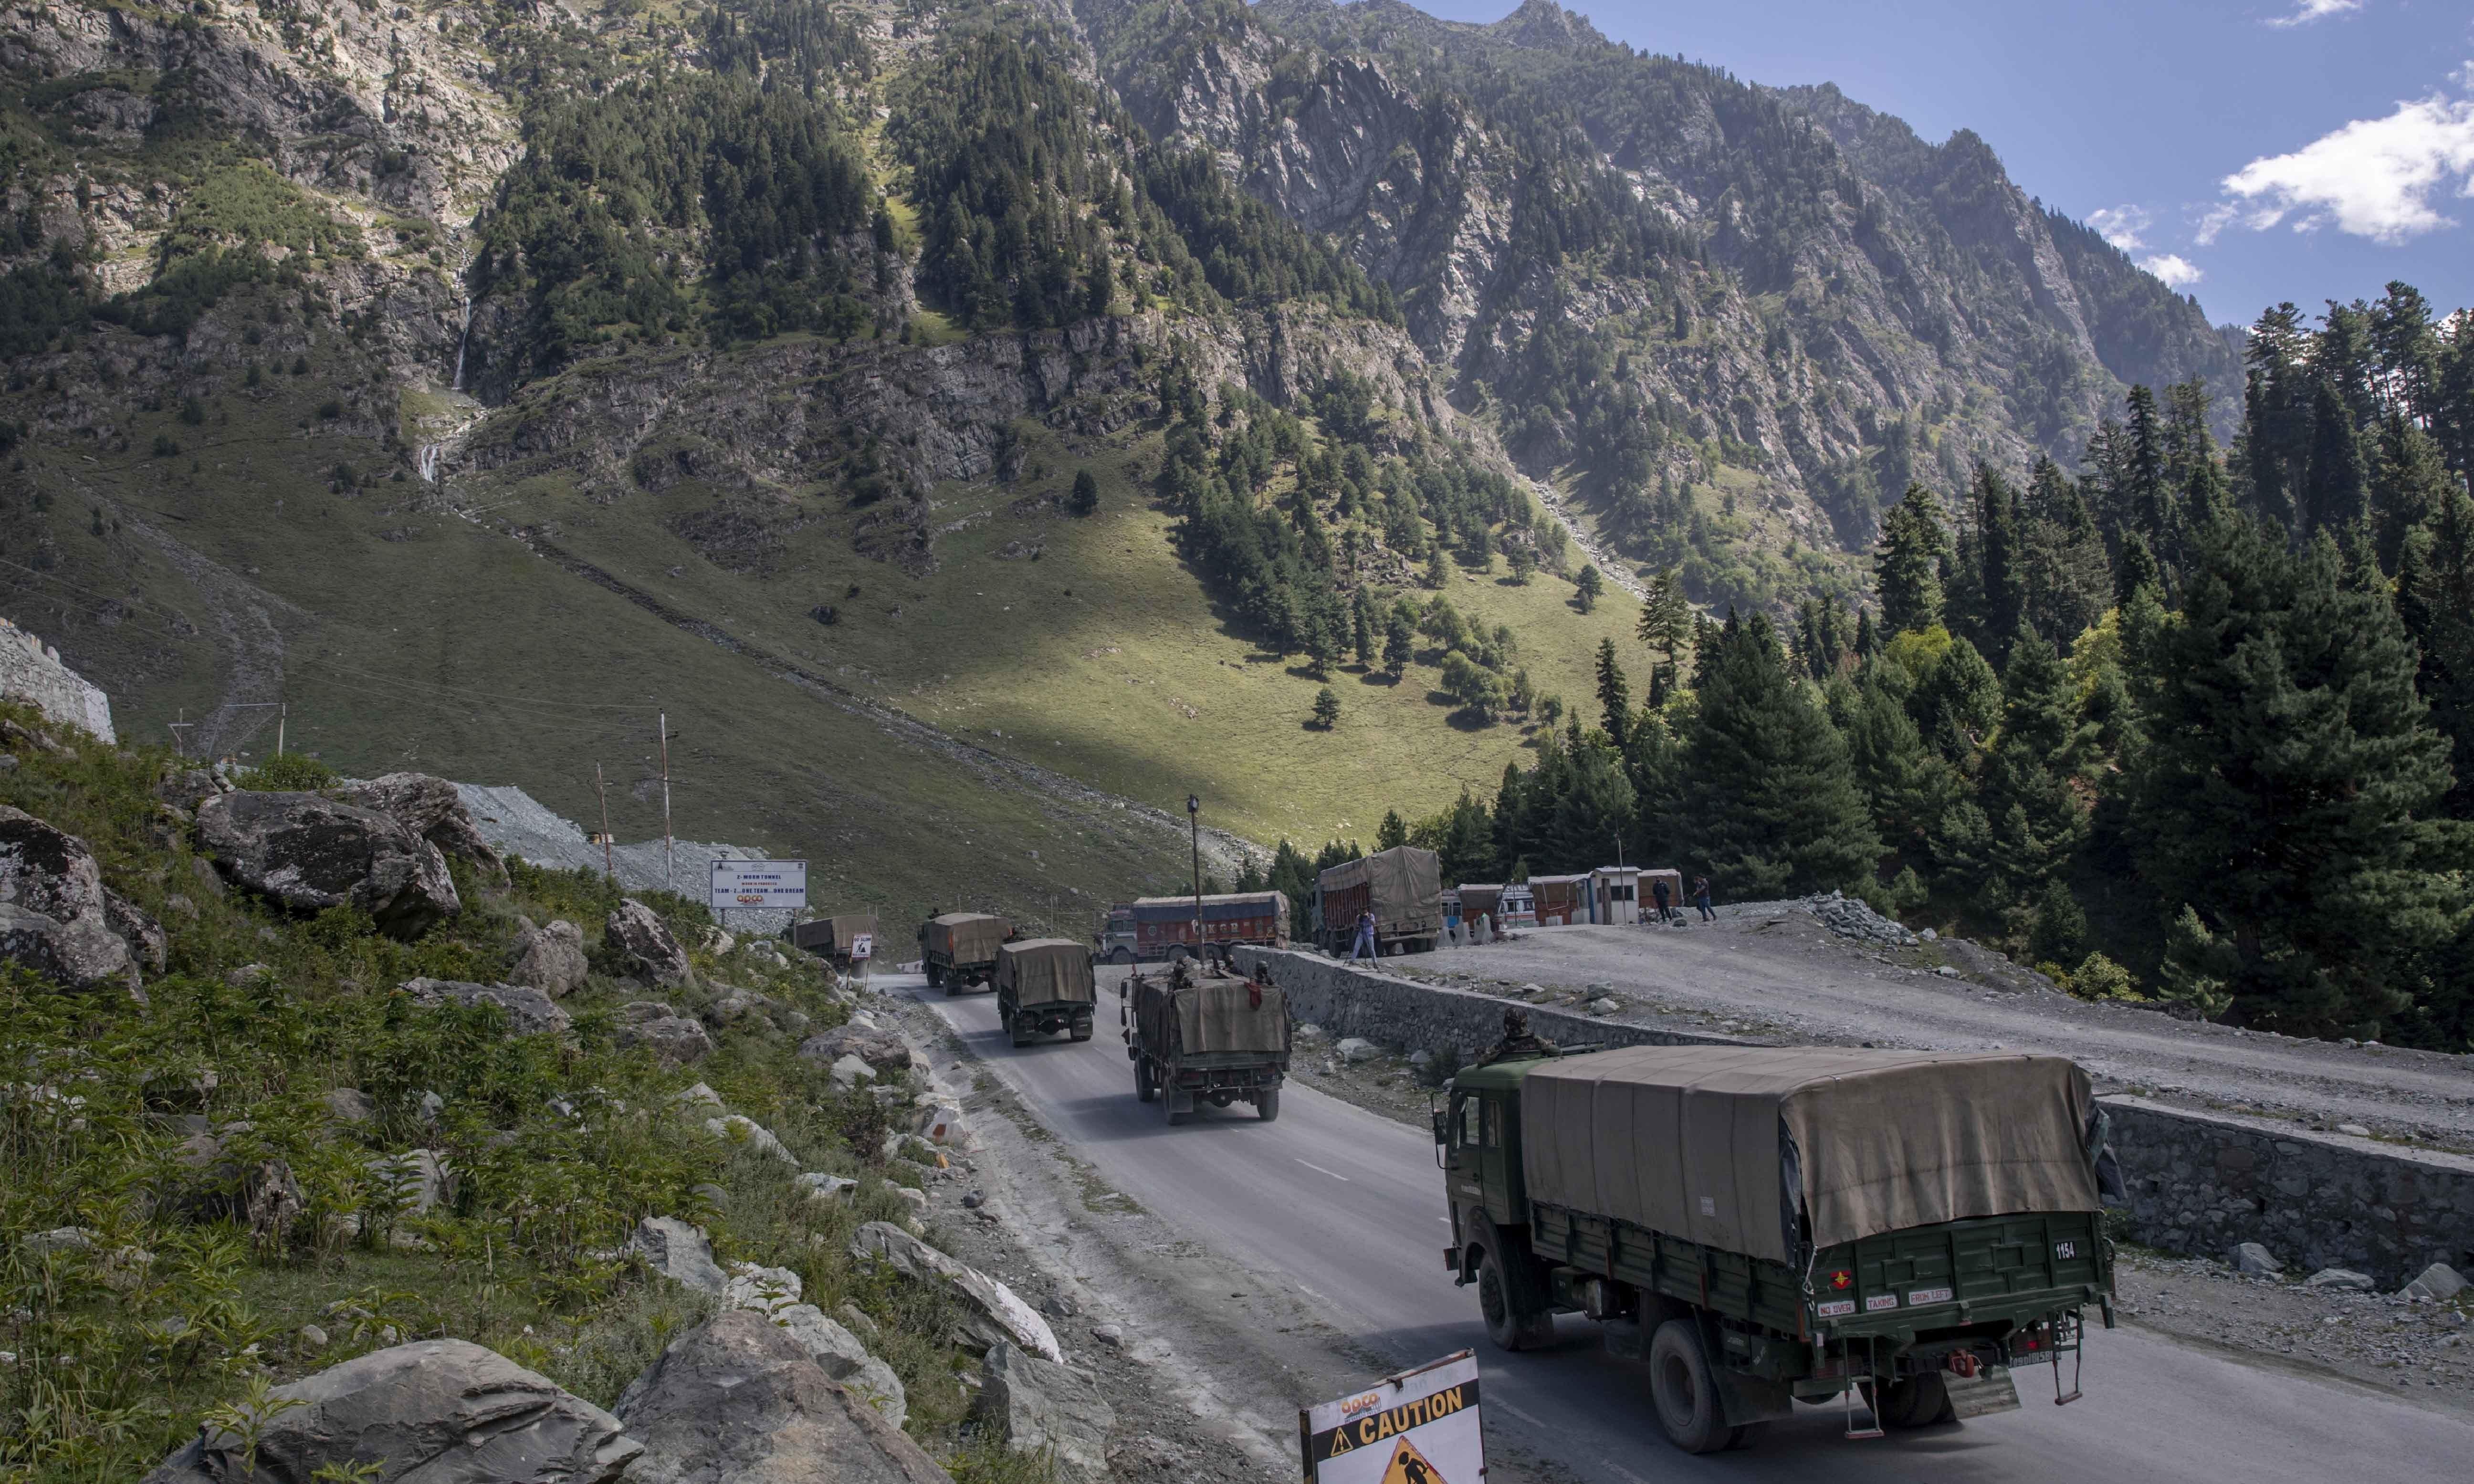 لداخ تنازع: بھارت، چین کے درمیان مذاکرات 'ناکام'، سرحدی کشیدگی میں اضافہ